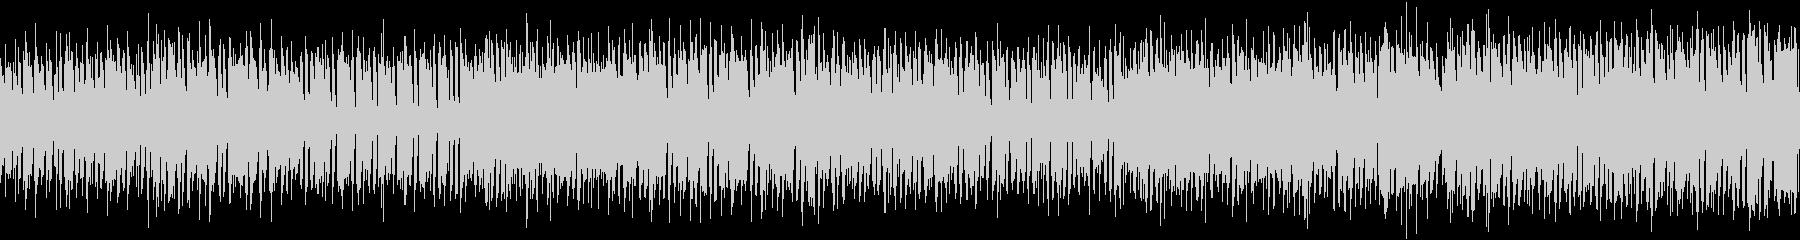 ループ可能な明るく楽しい音楽の未再生の波形